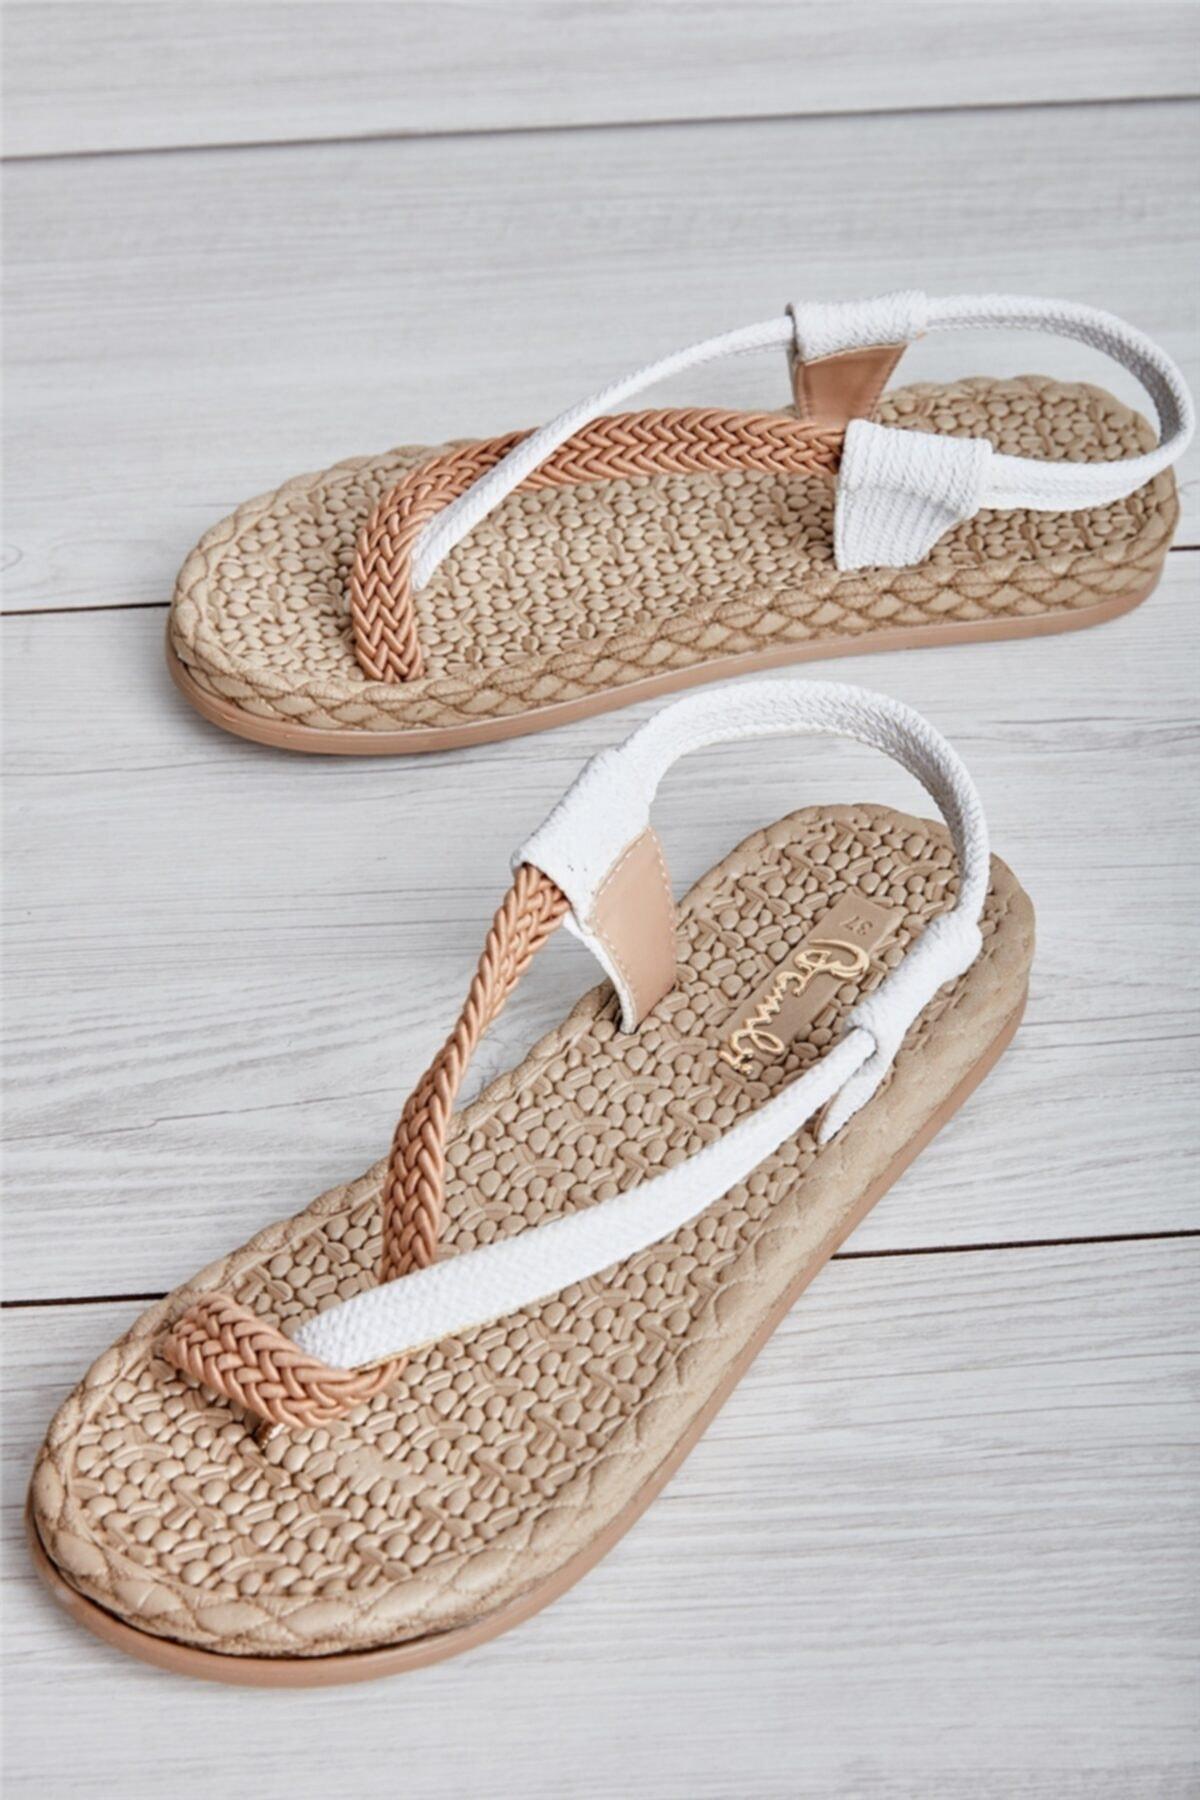 Bambi Beyaz Kadın Sandalet L0823130016 2